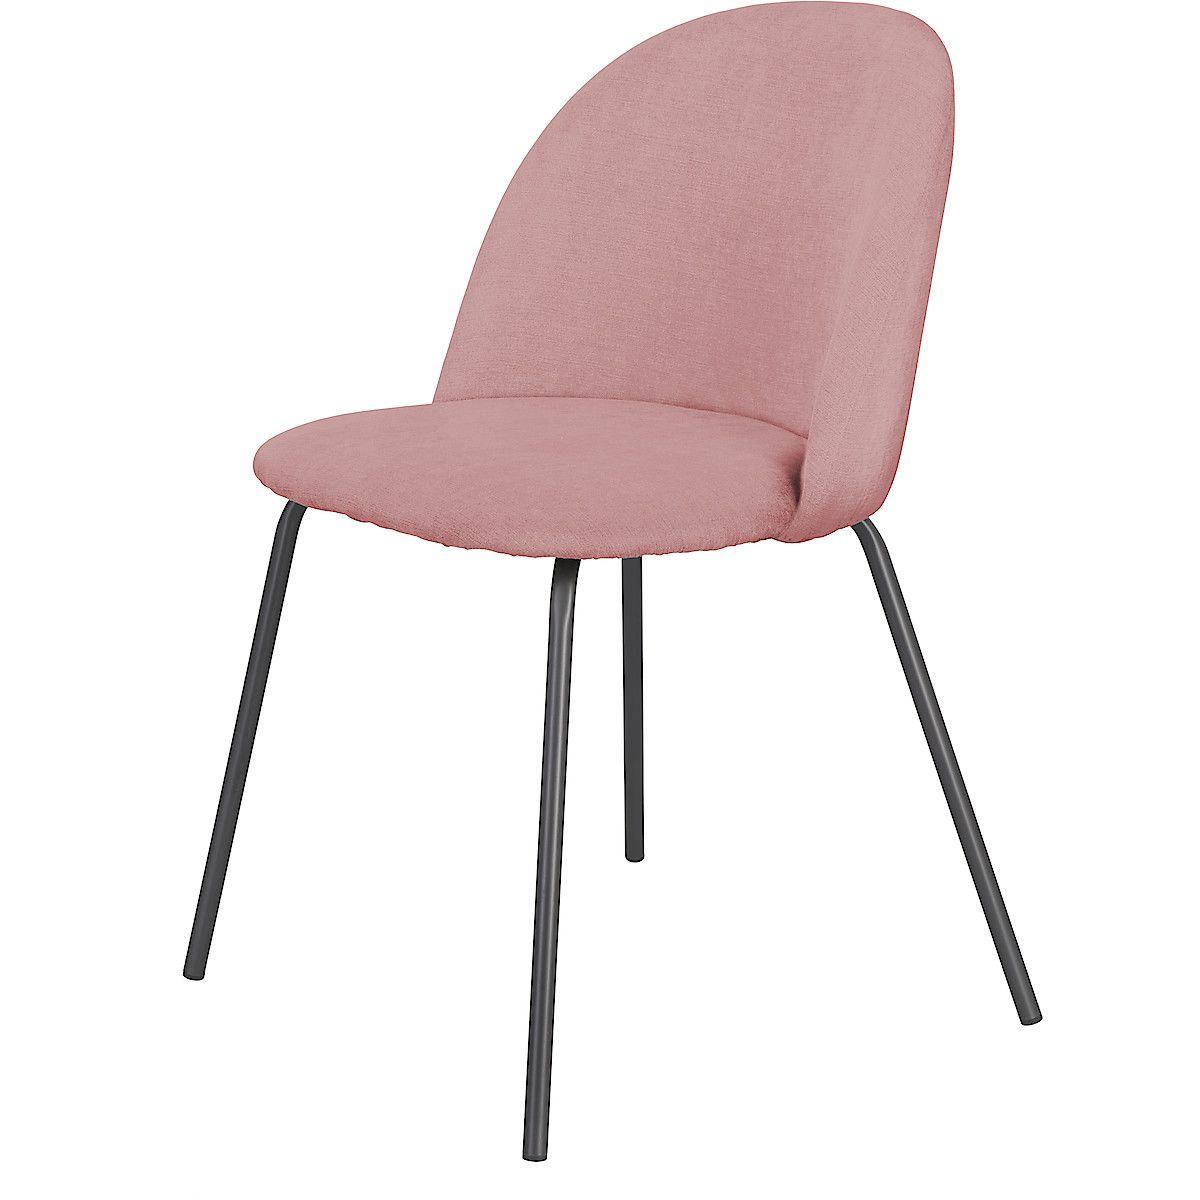 Vadderad stol med stålben | Clas Ohlson | Stolar